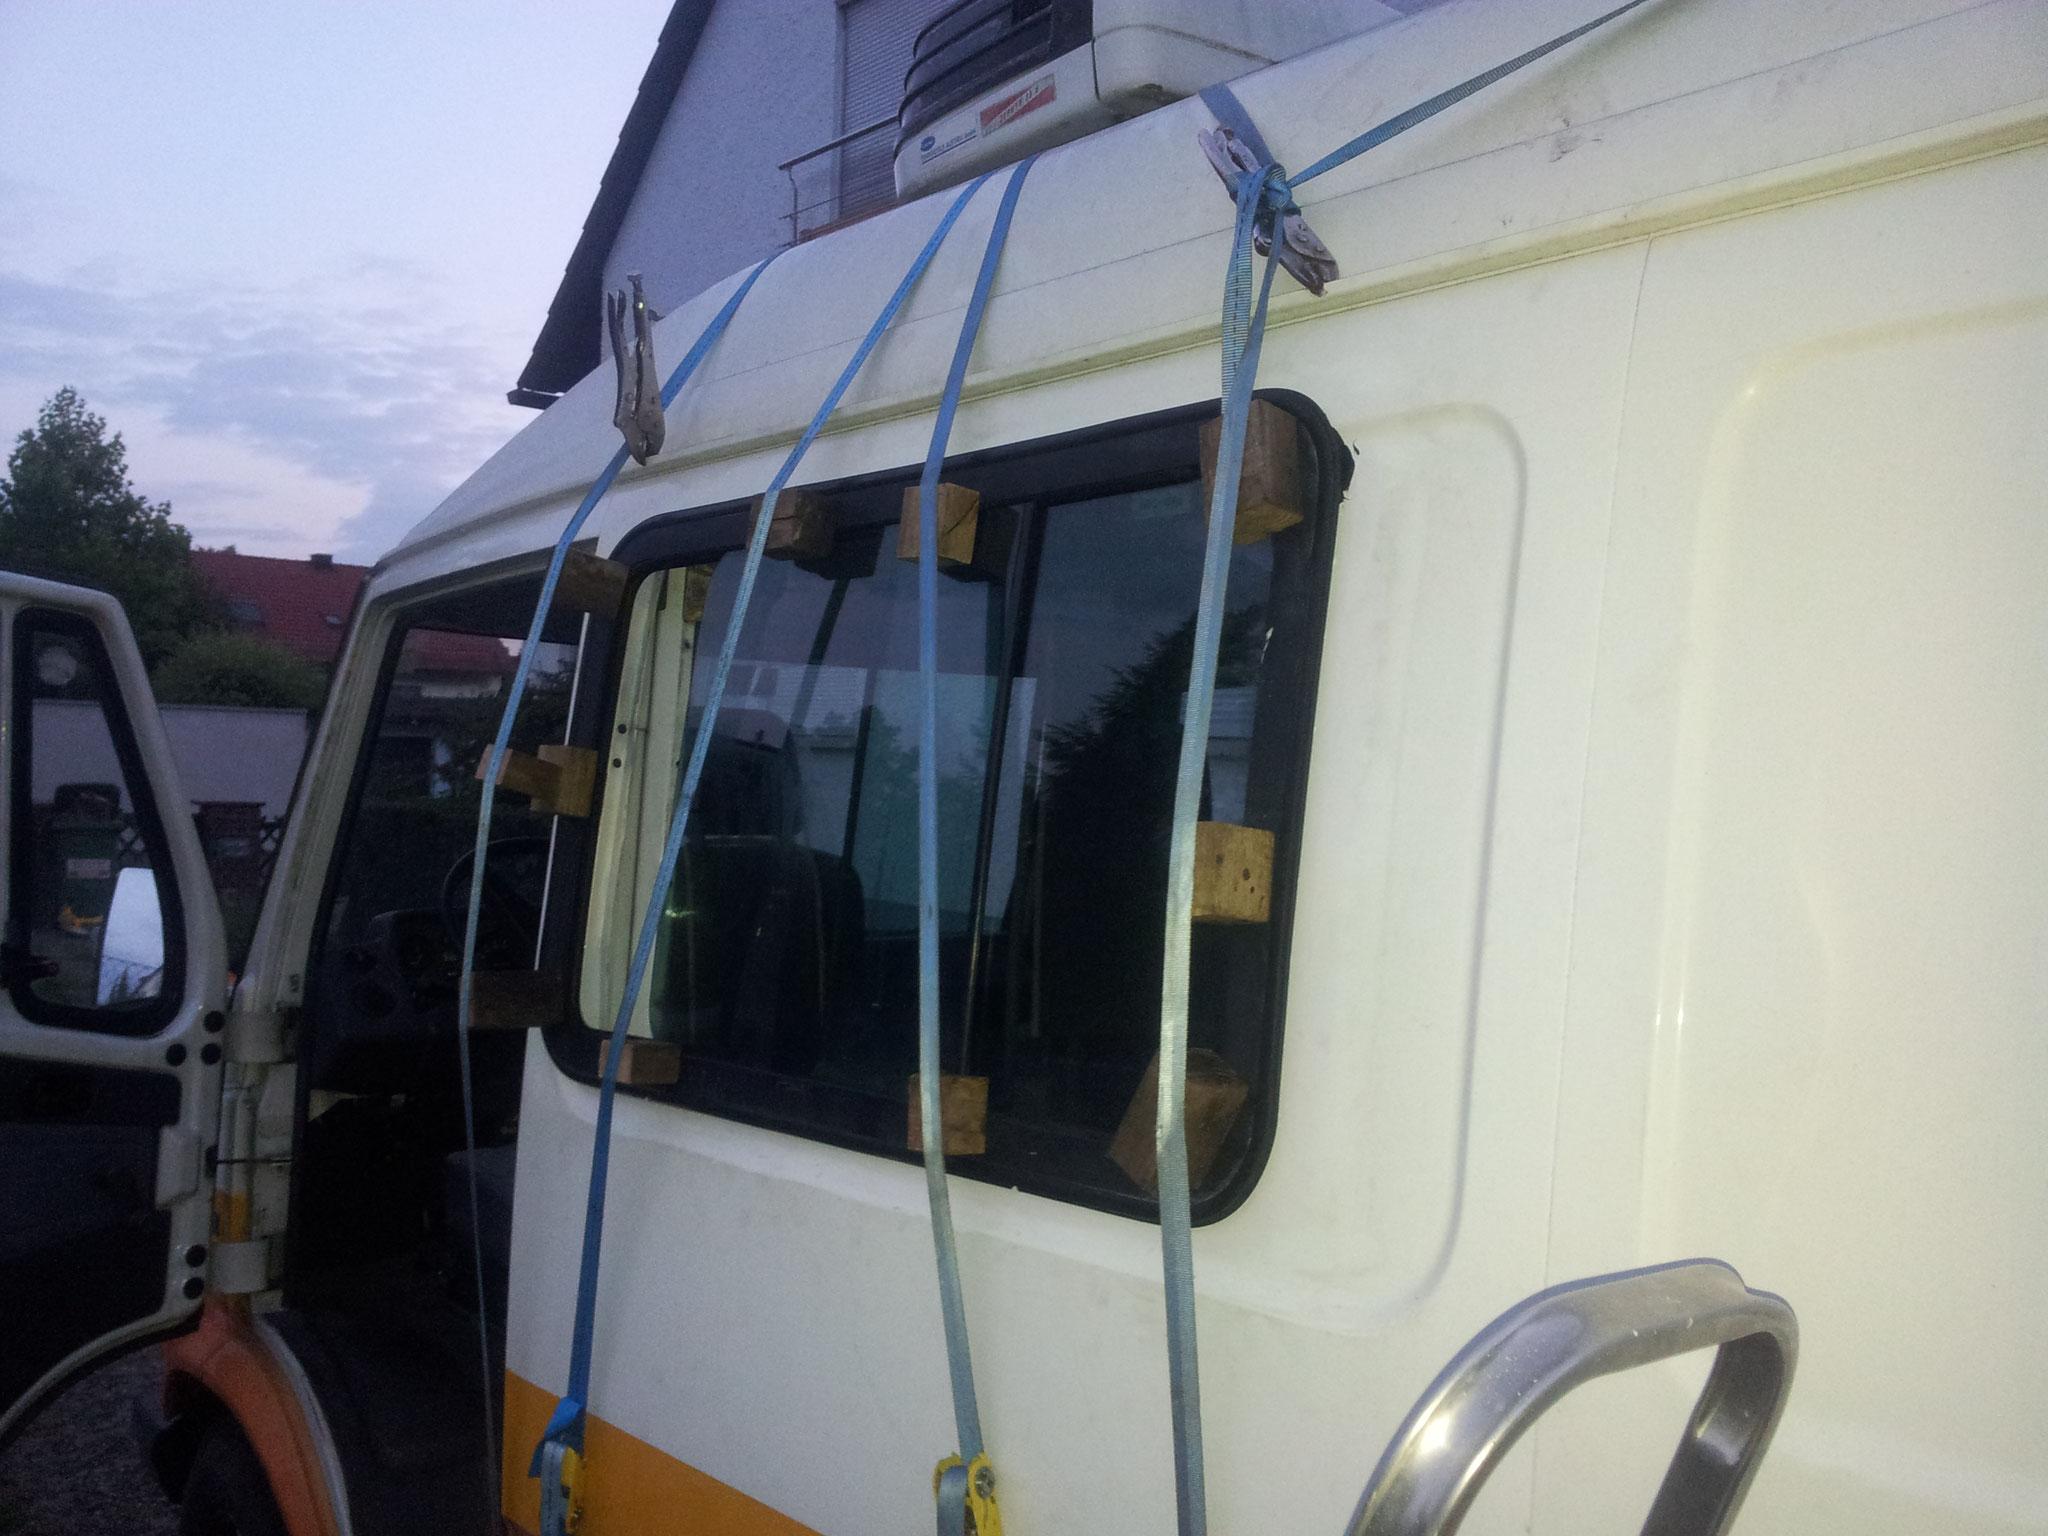 Schiebefenster für 20€ vom Schrott wird in Ausschnitt geklebt